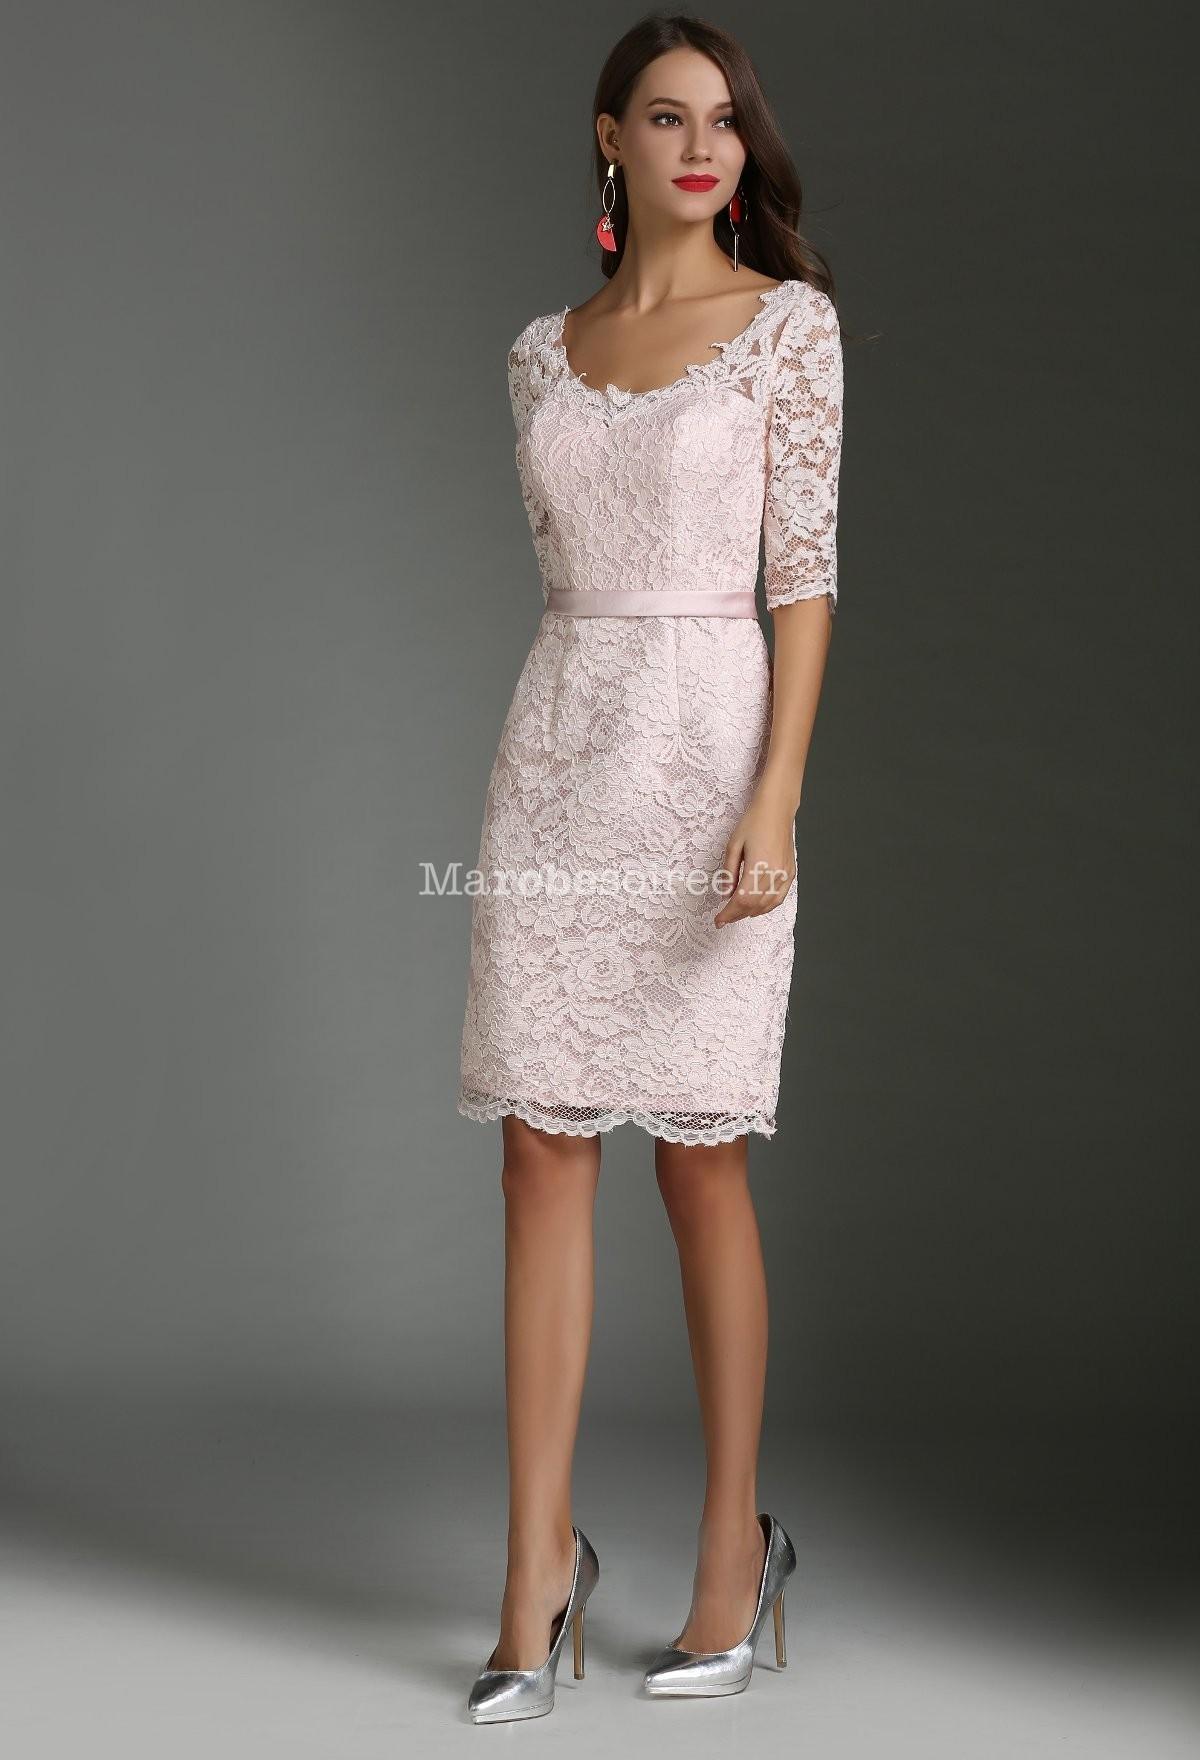 fdffddbcbb112 Robe dentelle rose mariage - Vetement fitness et mode